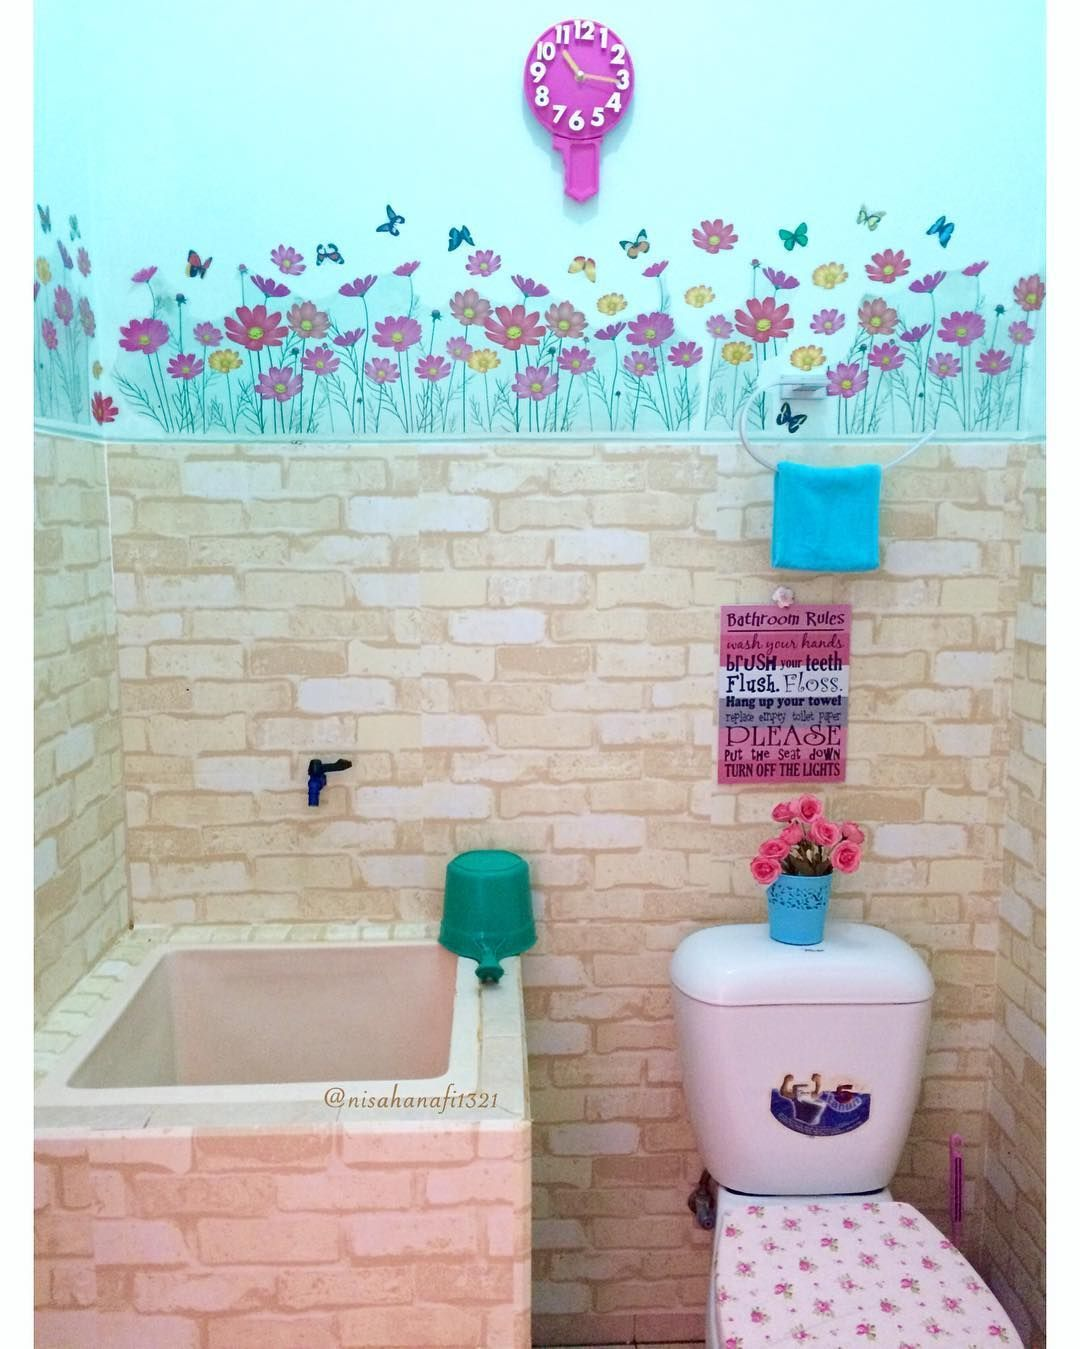 Sink Bathroom Design Ideas Every Bathroom Remodel Begins With A Design Concept From Complete Master Ba Home Remodeling Diy Vintage Bathroom Decor Diy Remodel Kamar mandi biasa tapi cantik